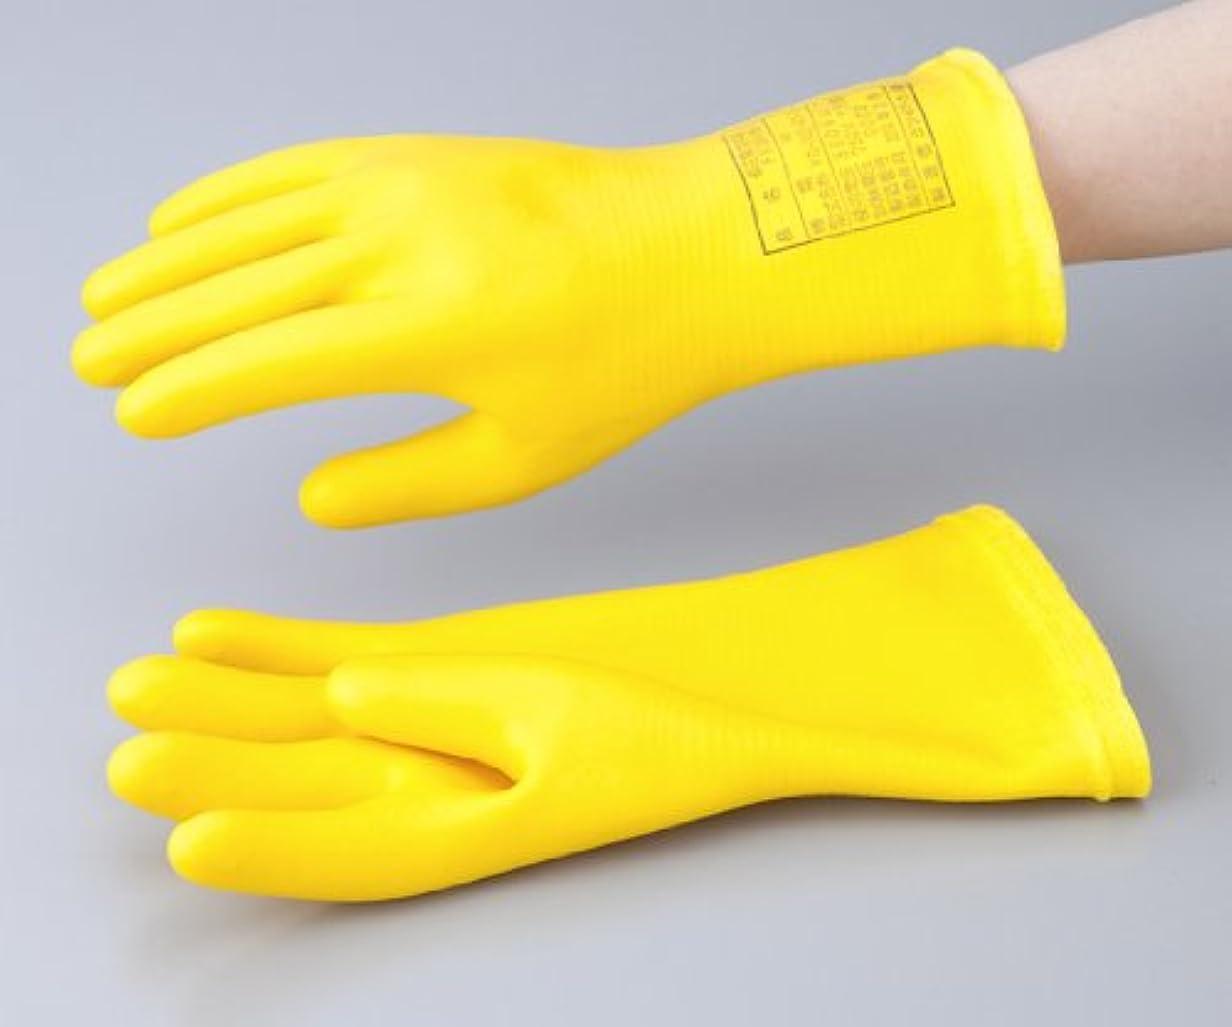 精緻化シビックお別れ1-3686-03低圧用発泡手袋M